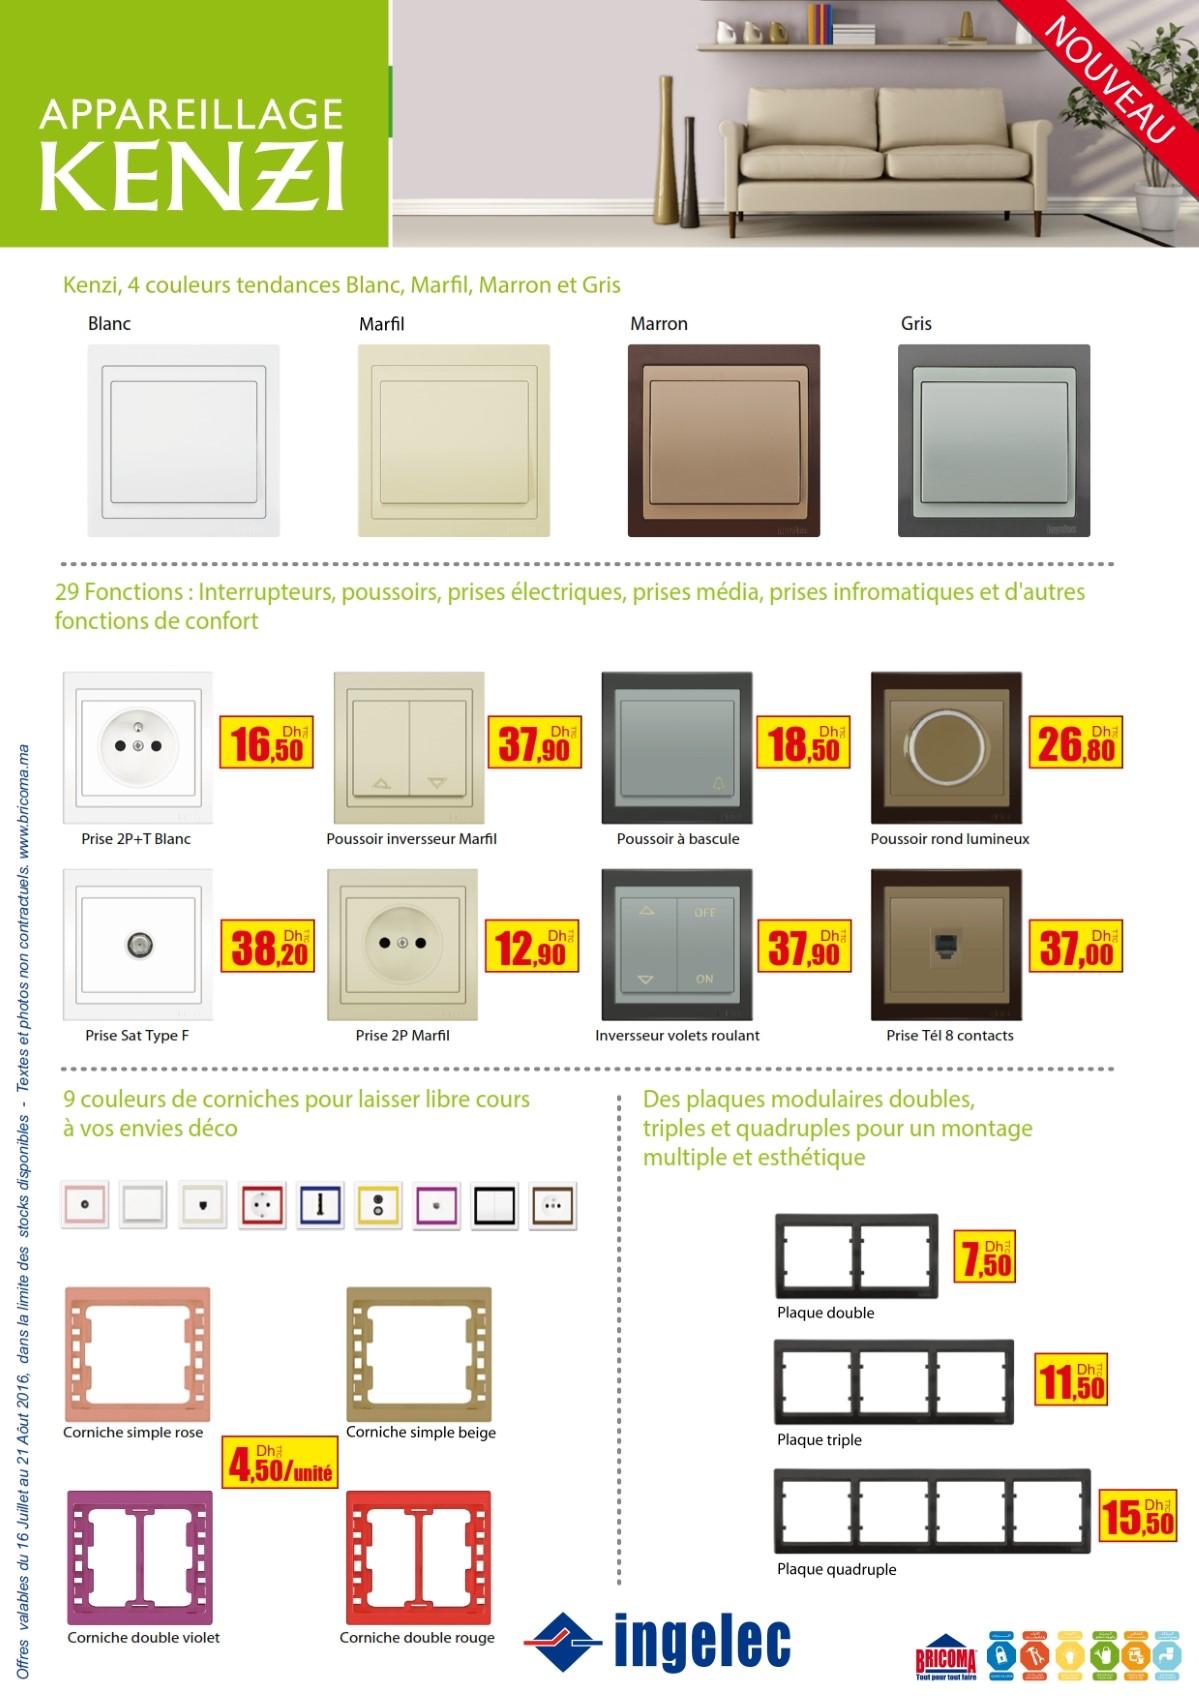 brochure_N_47_interactif_012